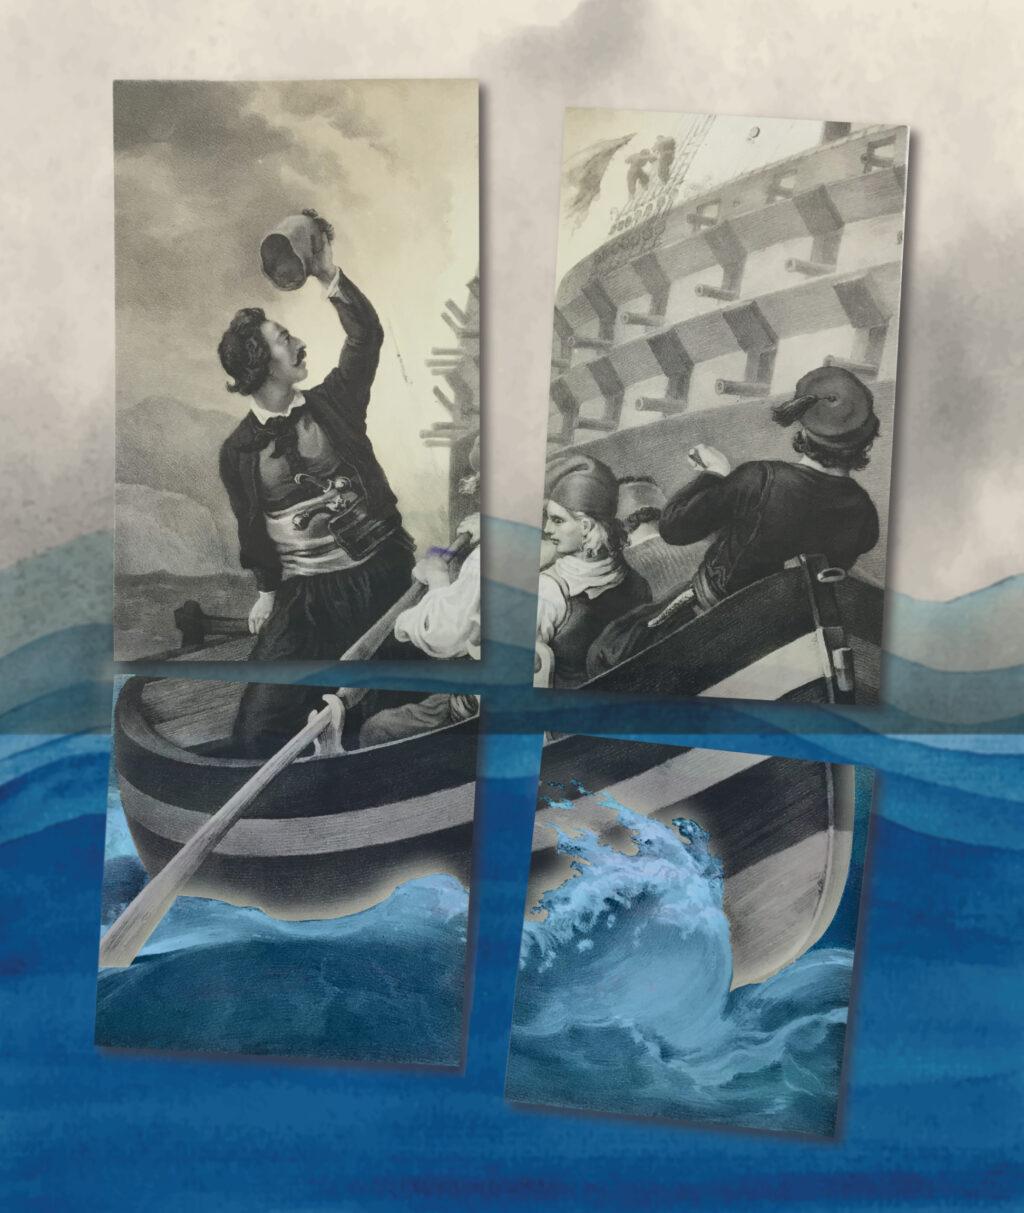 Τρέξε επάνω εις τα κύματα της φοβεράς θαλάσσης* 1821, o Αγώνας στη Θάλασσα